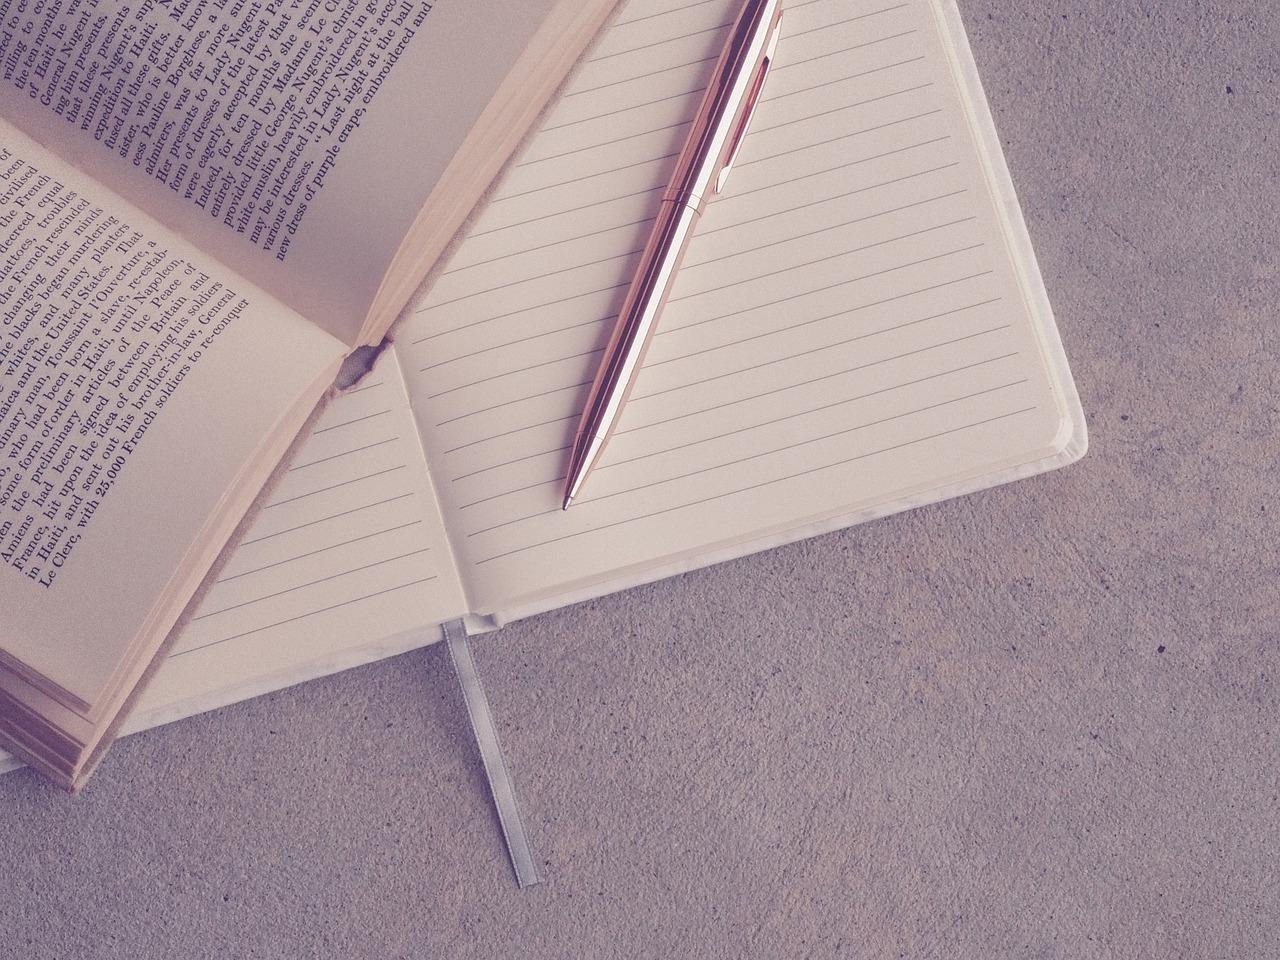 ペンとノートと本